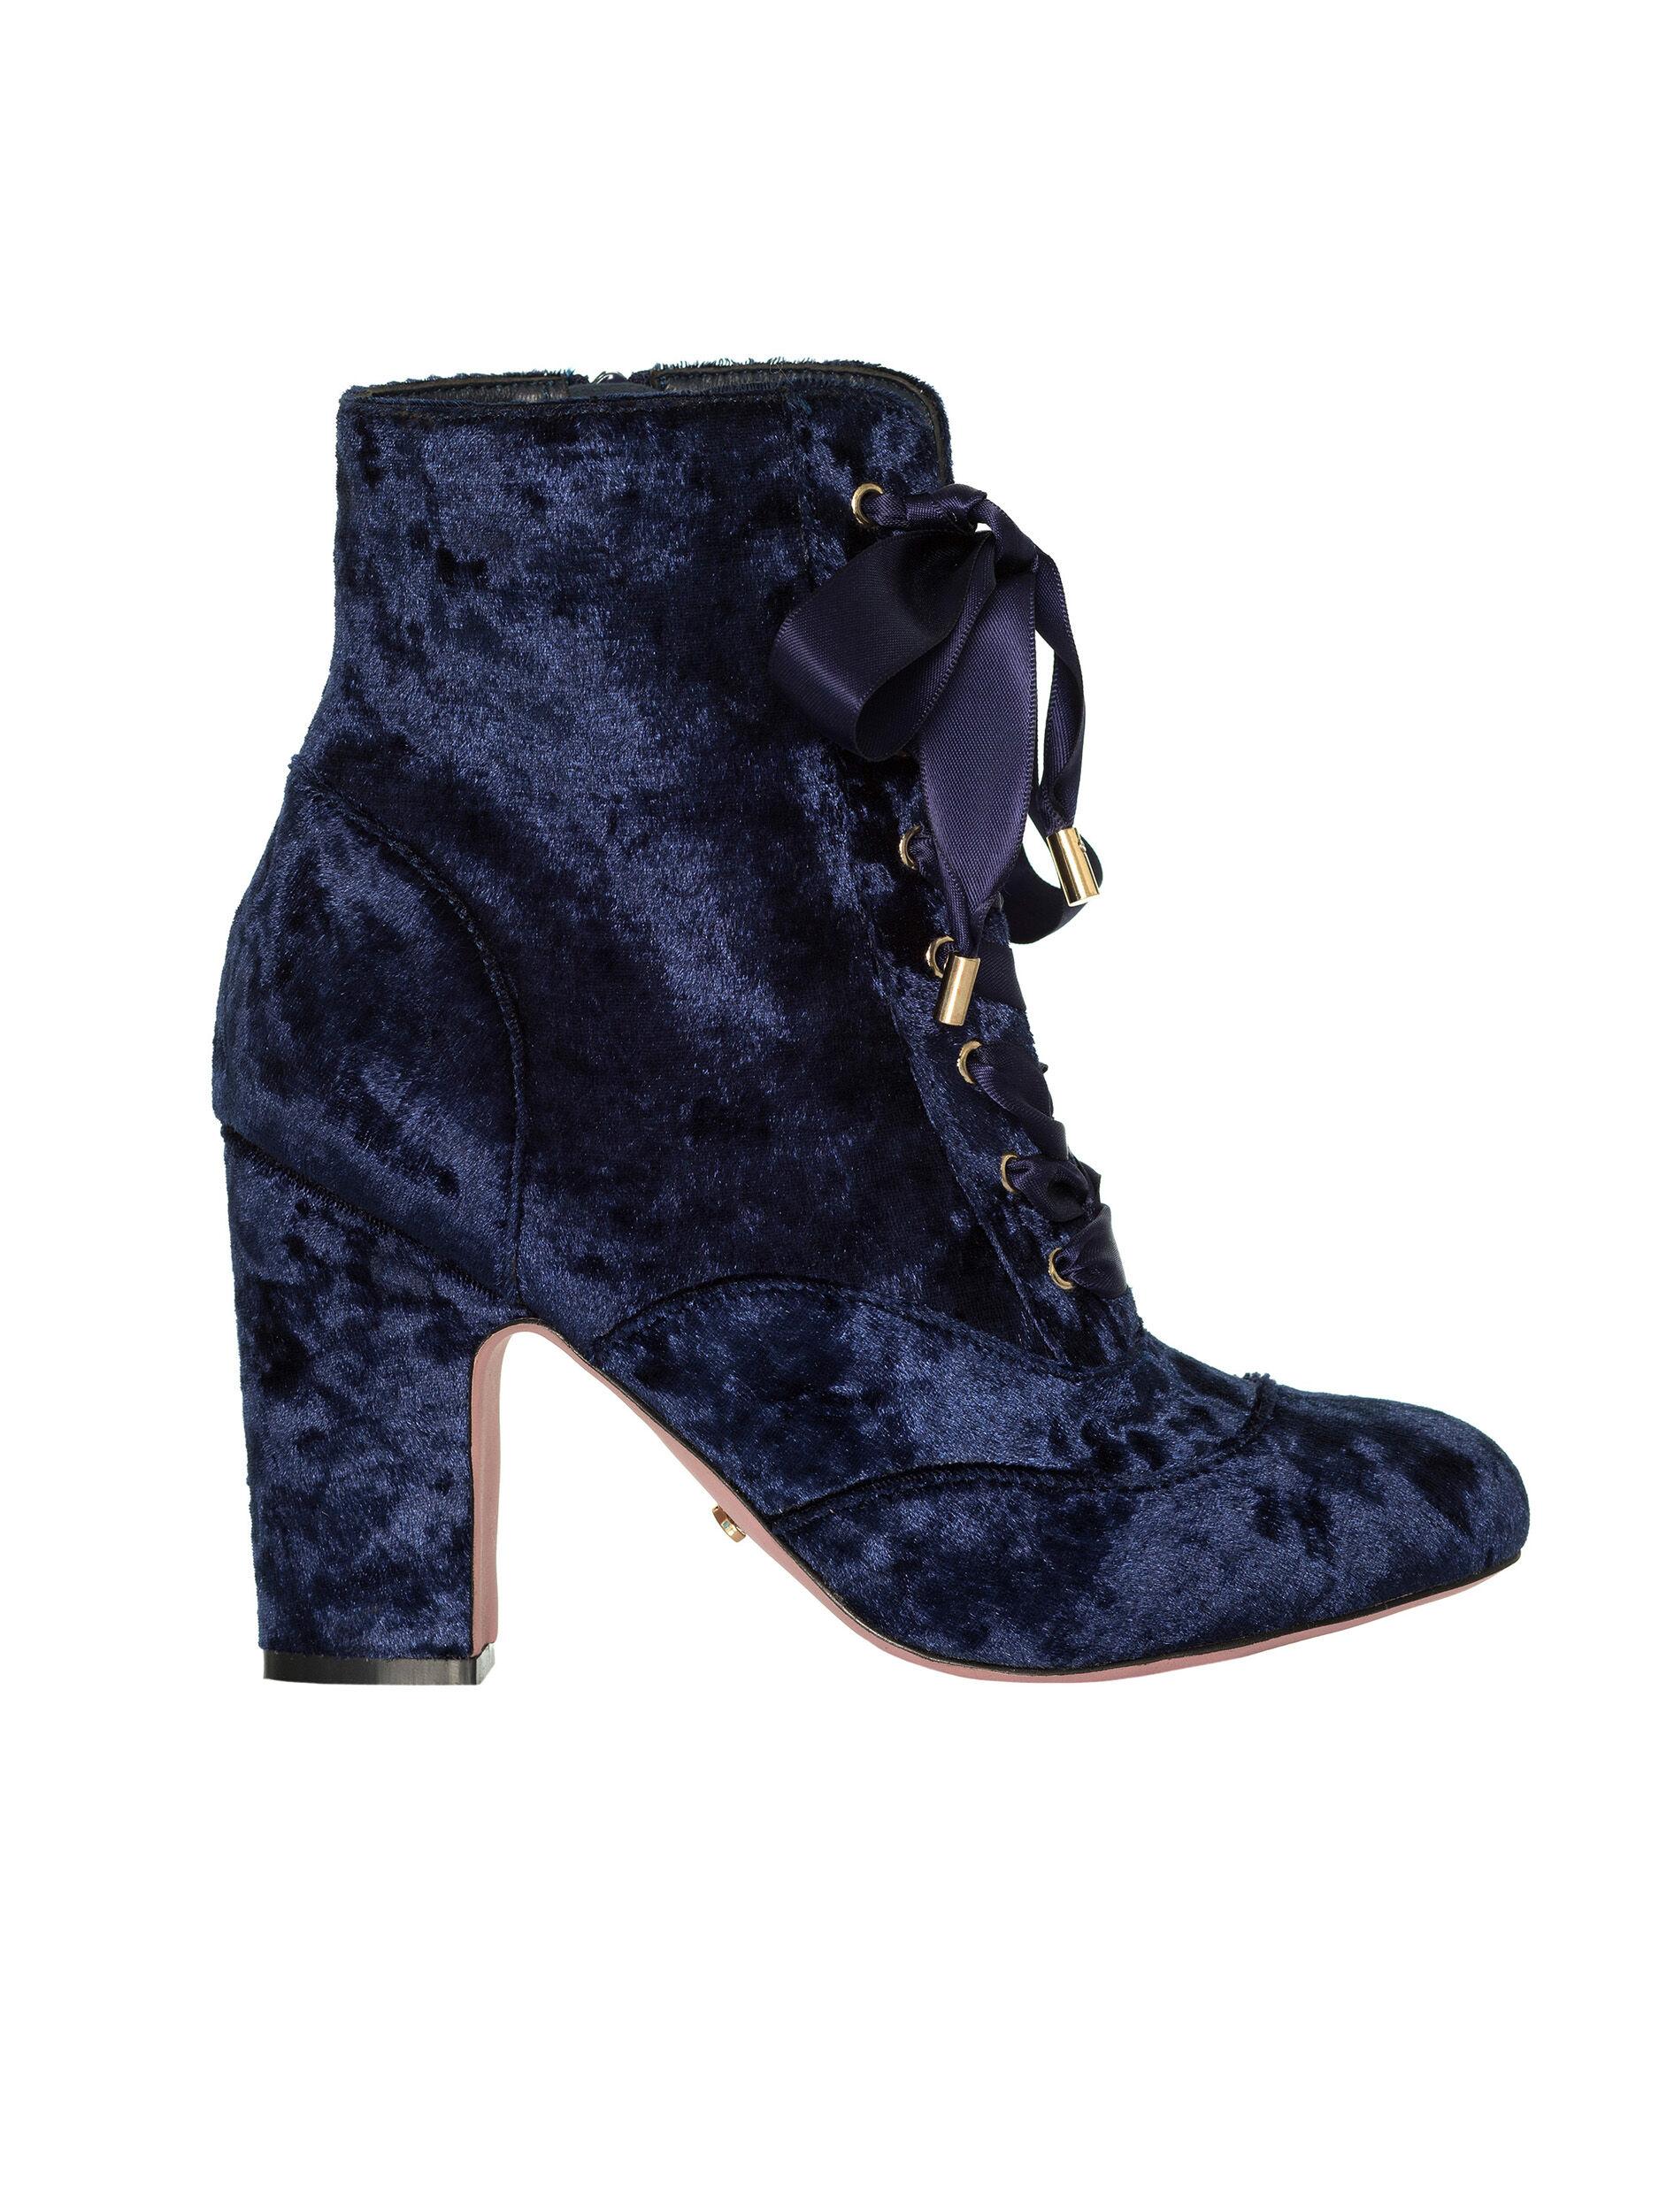 Luxe Velvet Boot